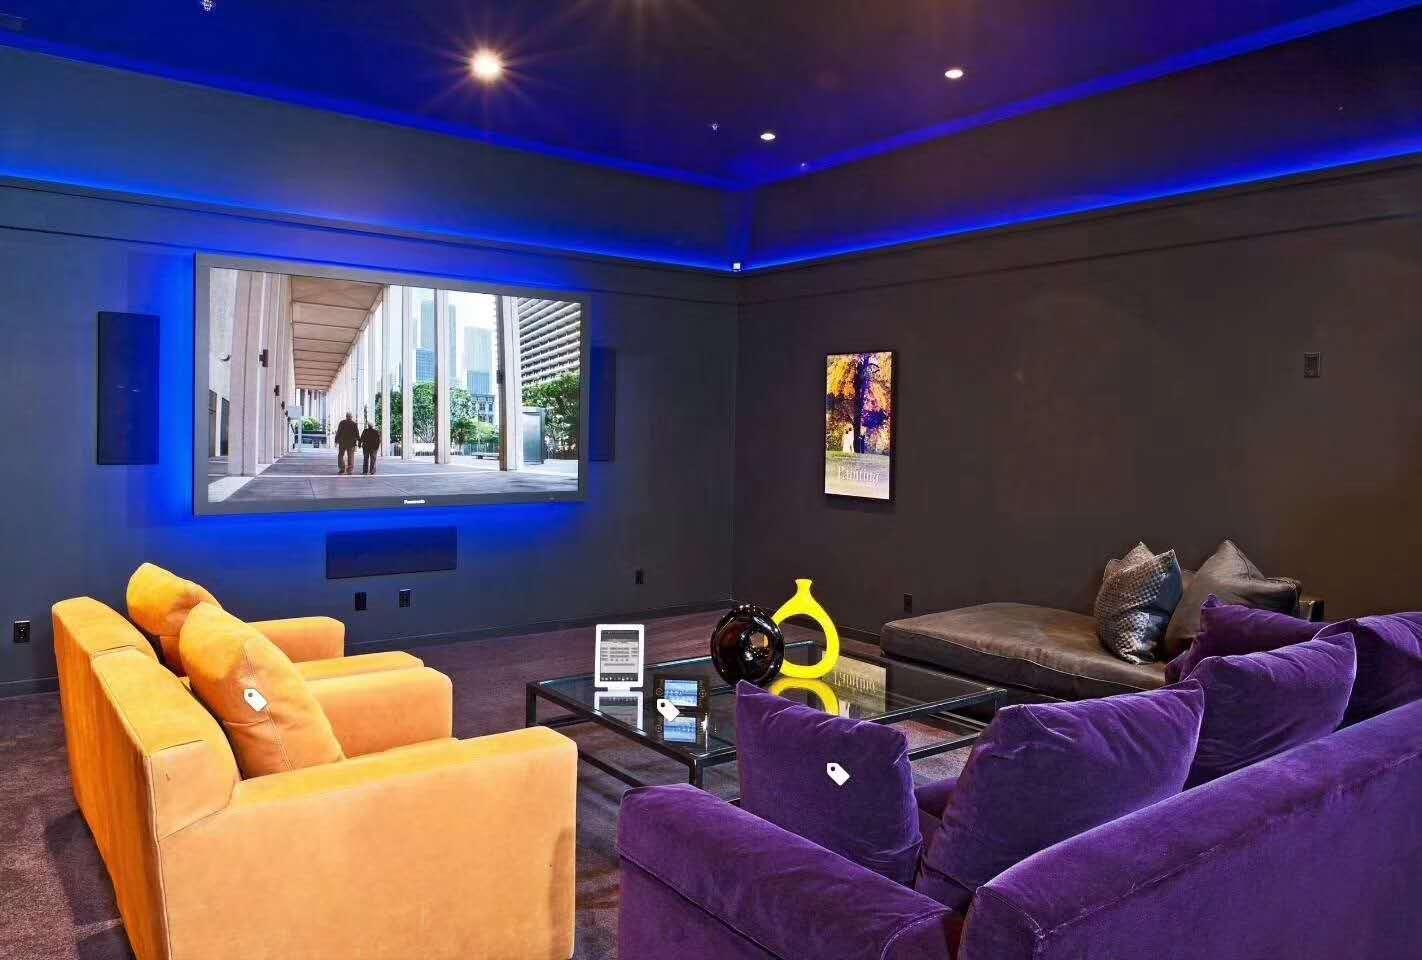 上海进口家庭影院品牌投影幕怎么安装 推荐咨询 上海树创智能科技供应